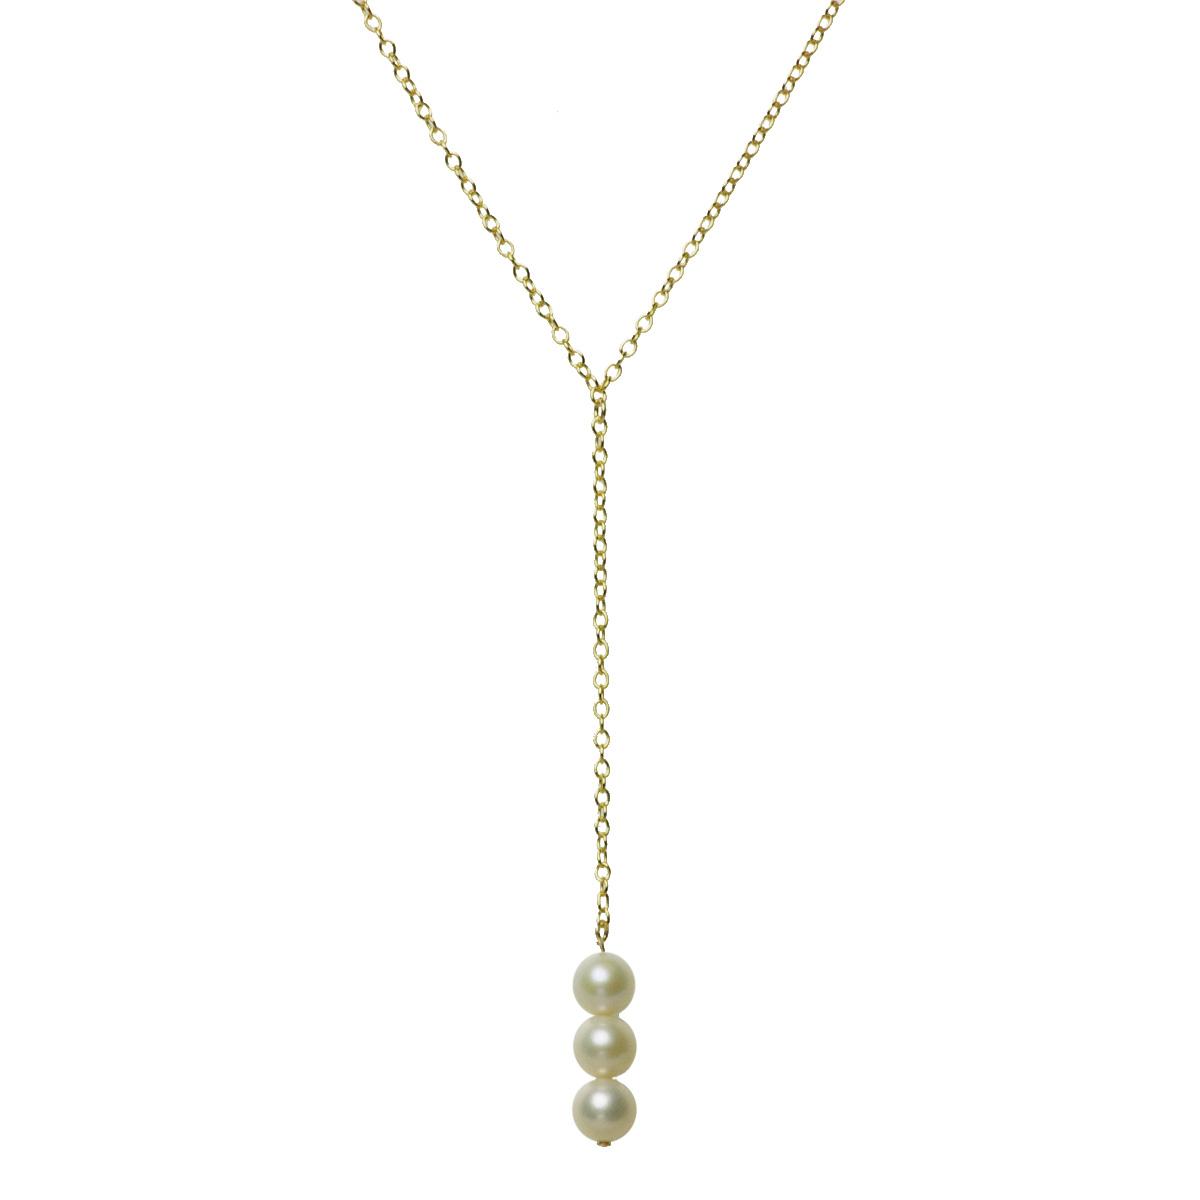 淡水 真珠 パール Y字 ネックレス 6.0mm 14金 ゴールドフィールドの写真